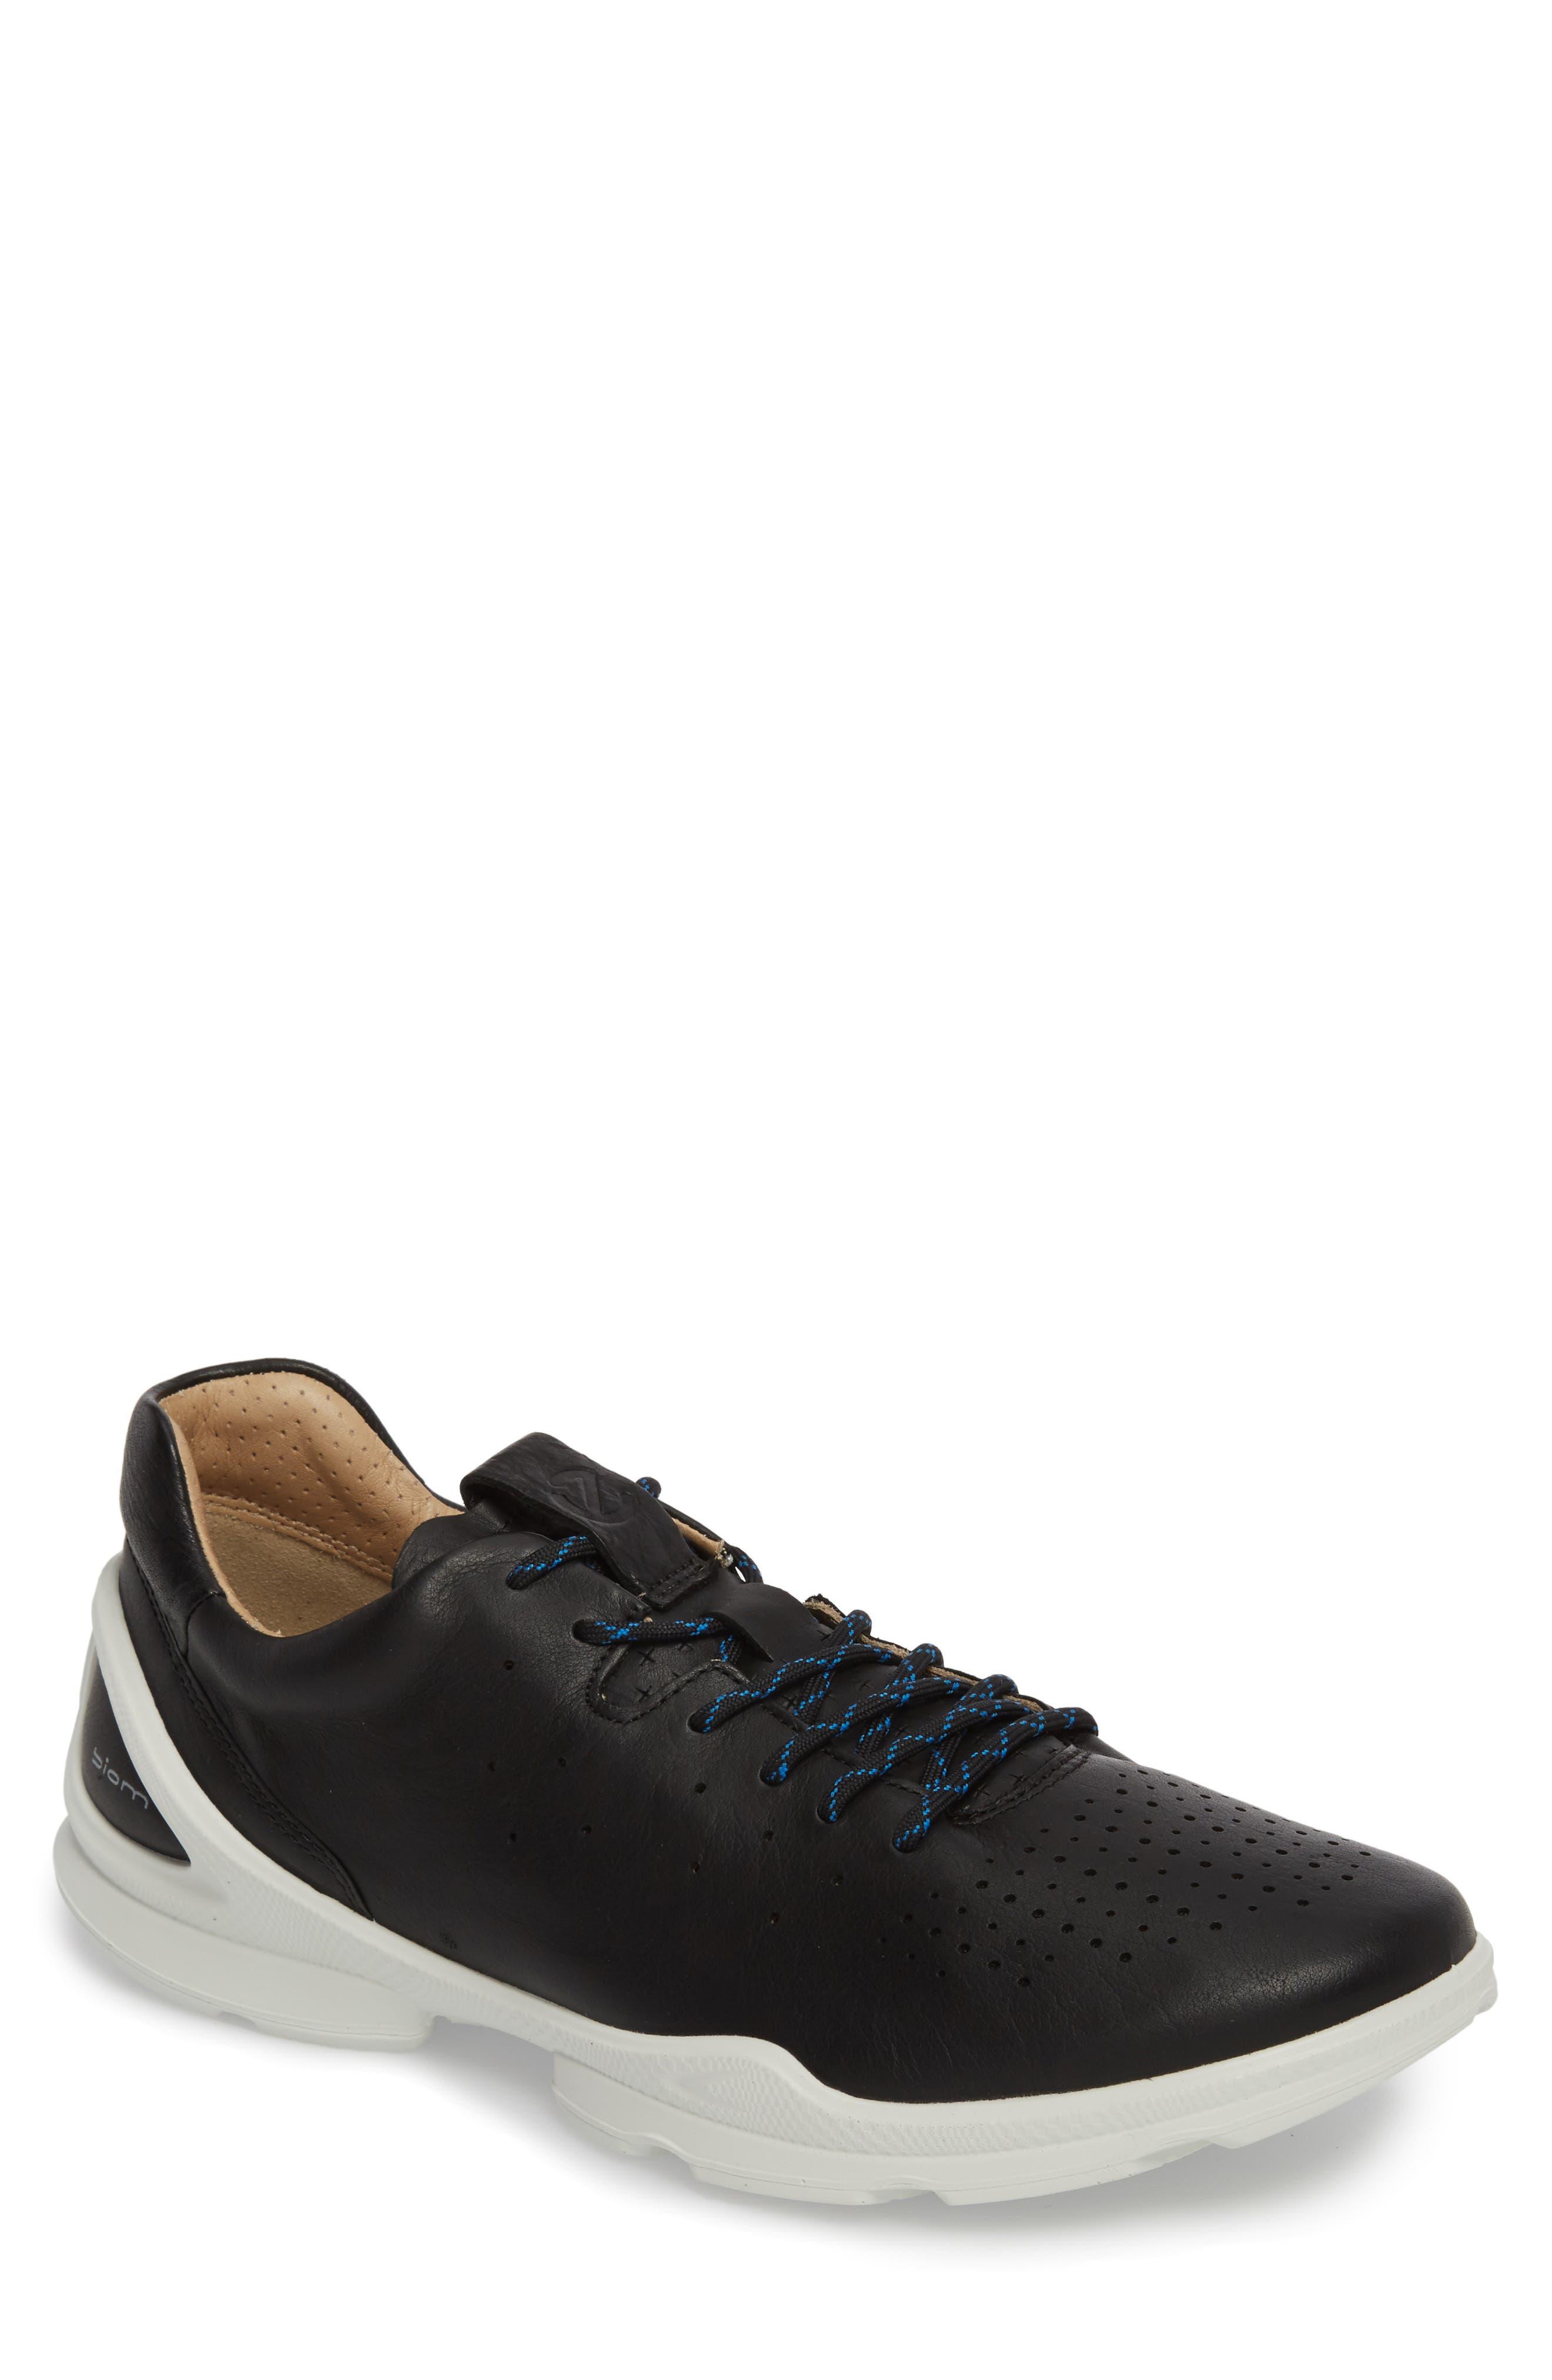 Biom Street Sneaker,                         Main,                         color, 008